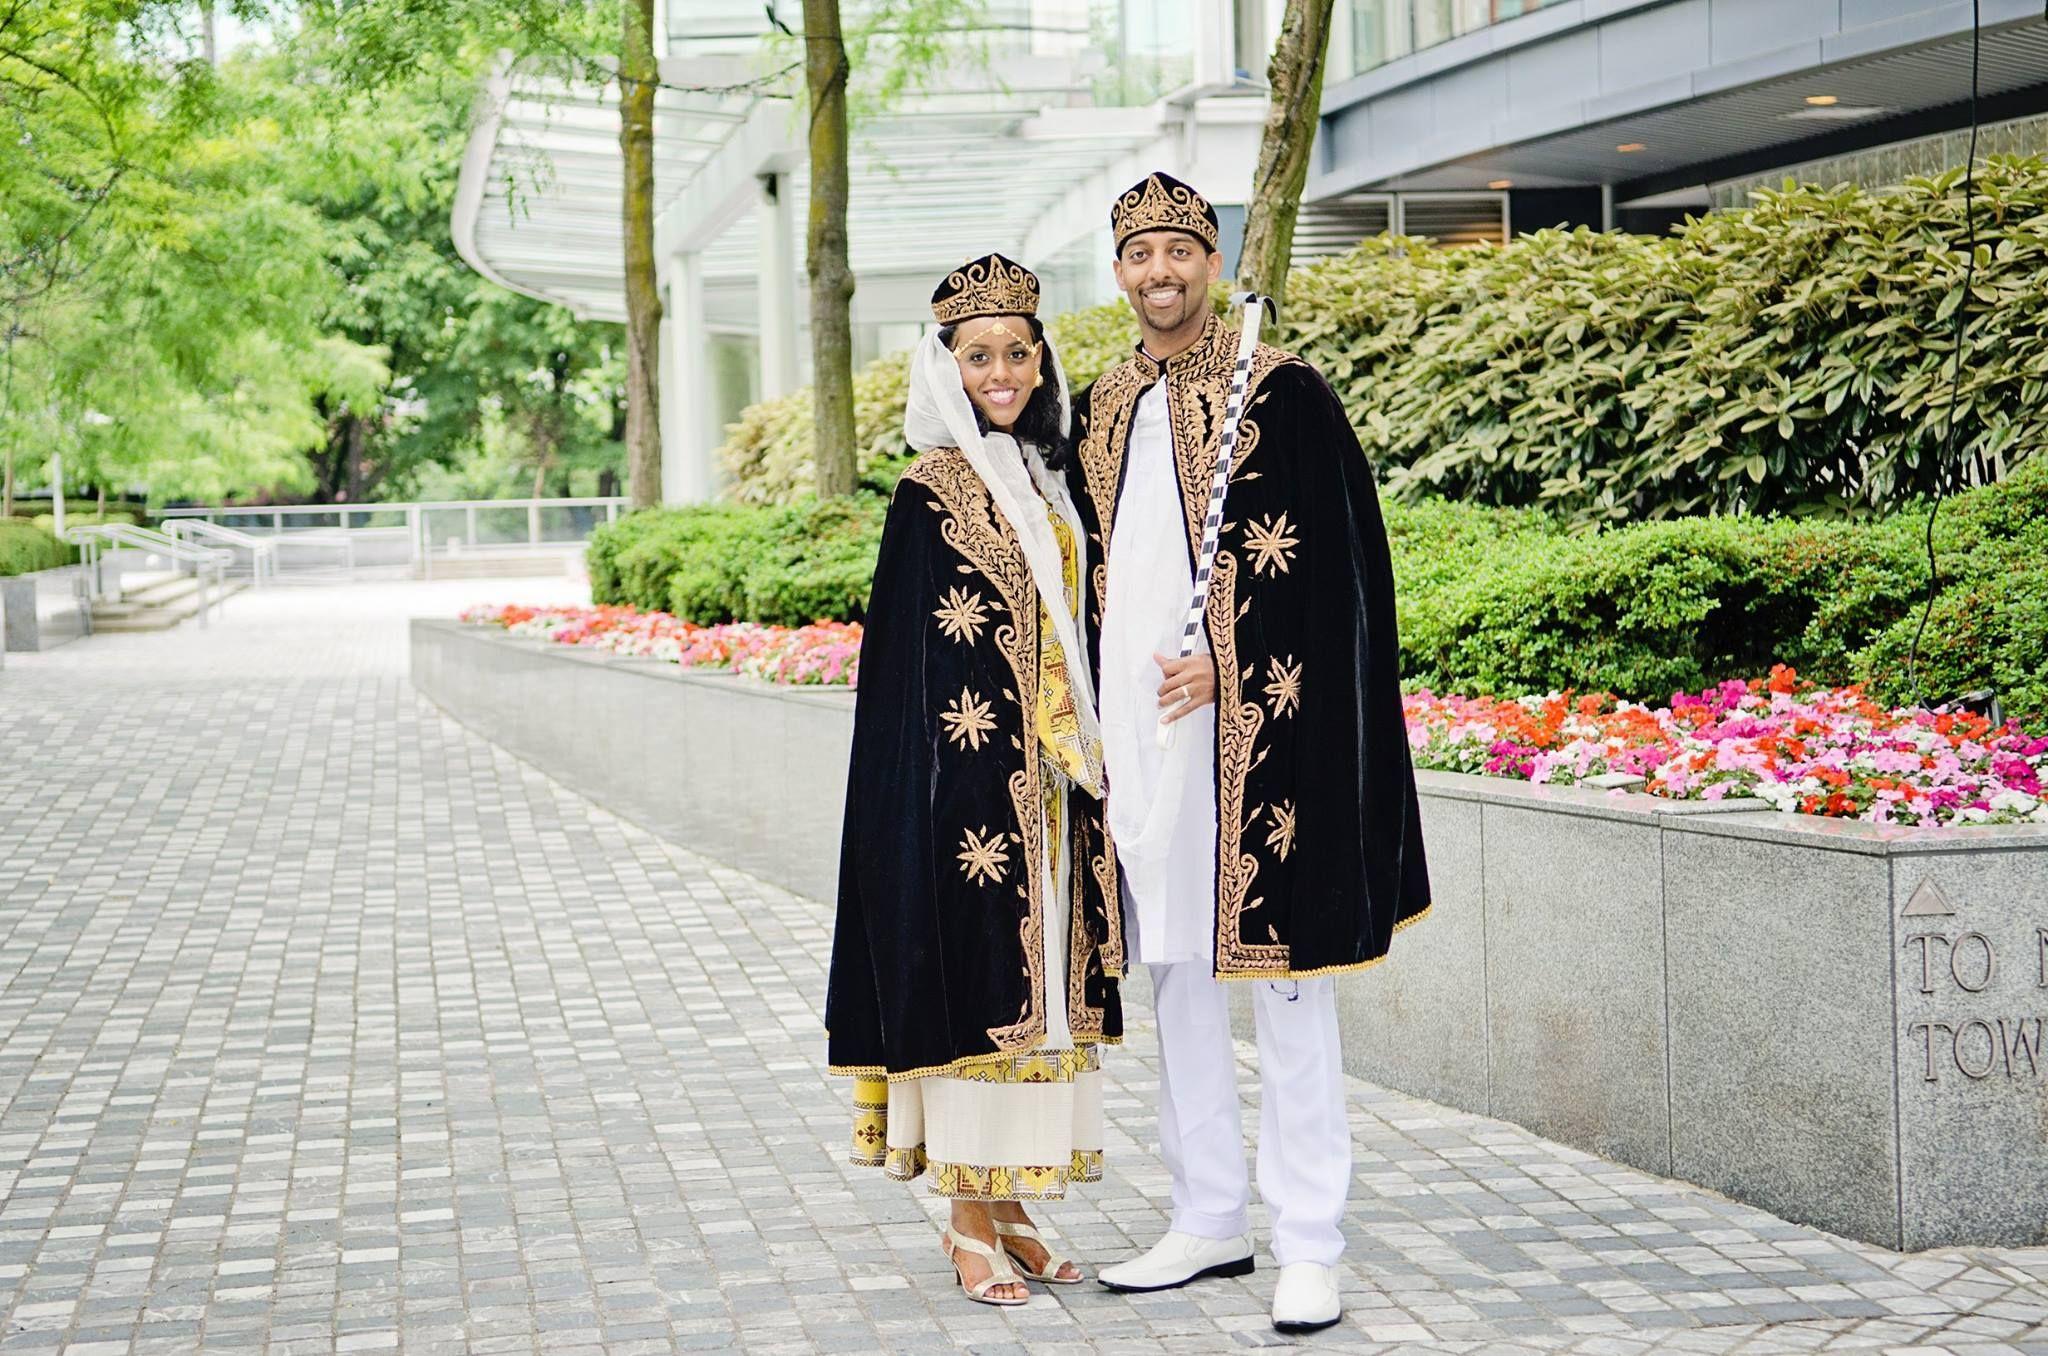 ethiopian wedding dress Wedding